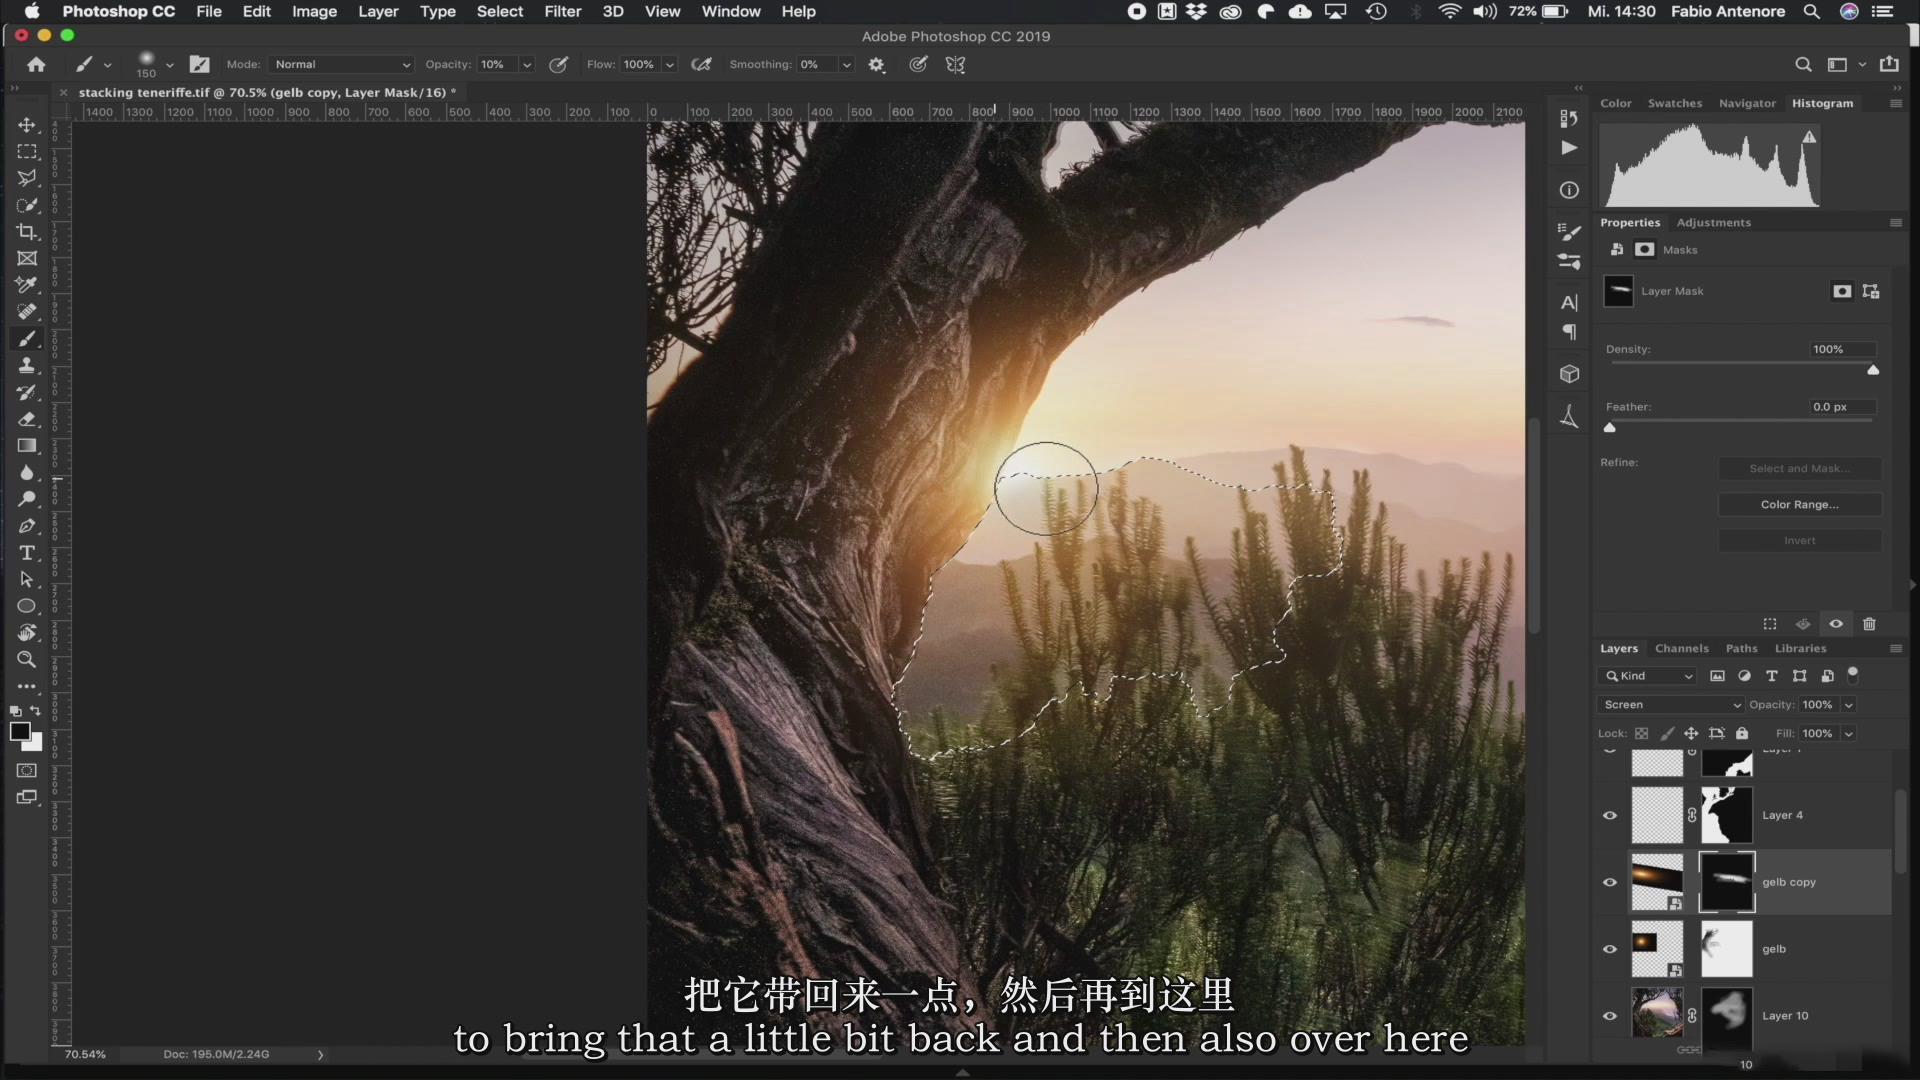 摄影教程_Fabio Antenore-超级真实银河系夜景风光摄影及后期附扩展素材-中英字幕 摄影教程 _预览图14